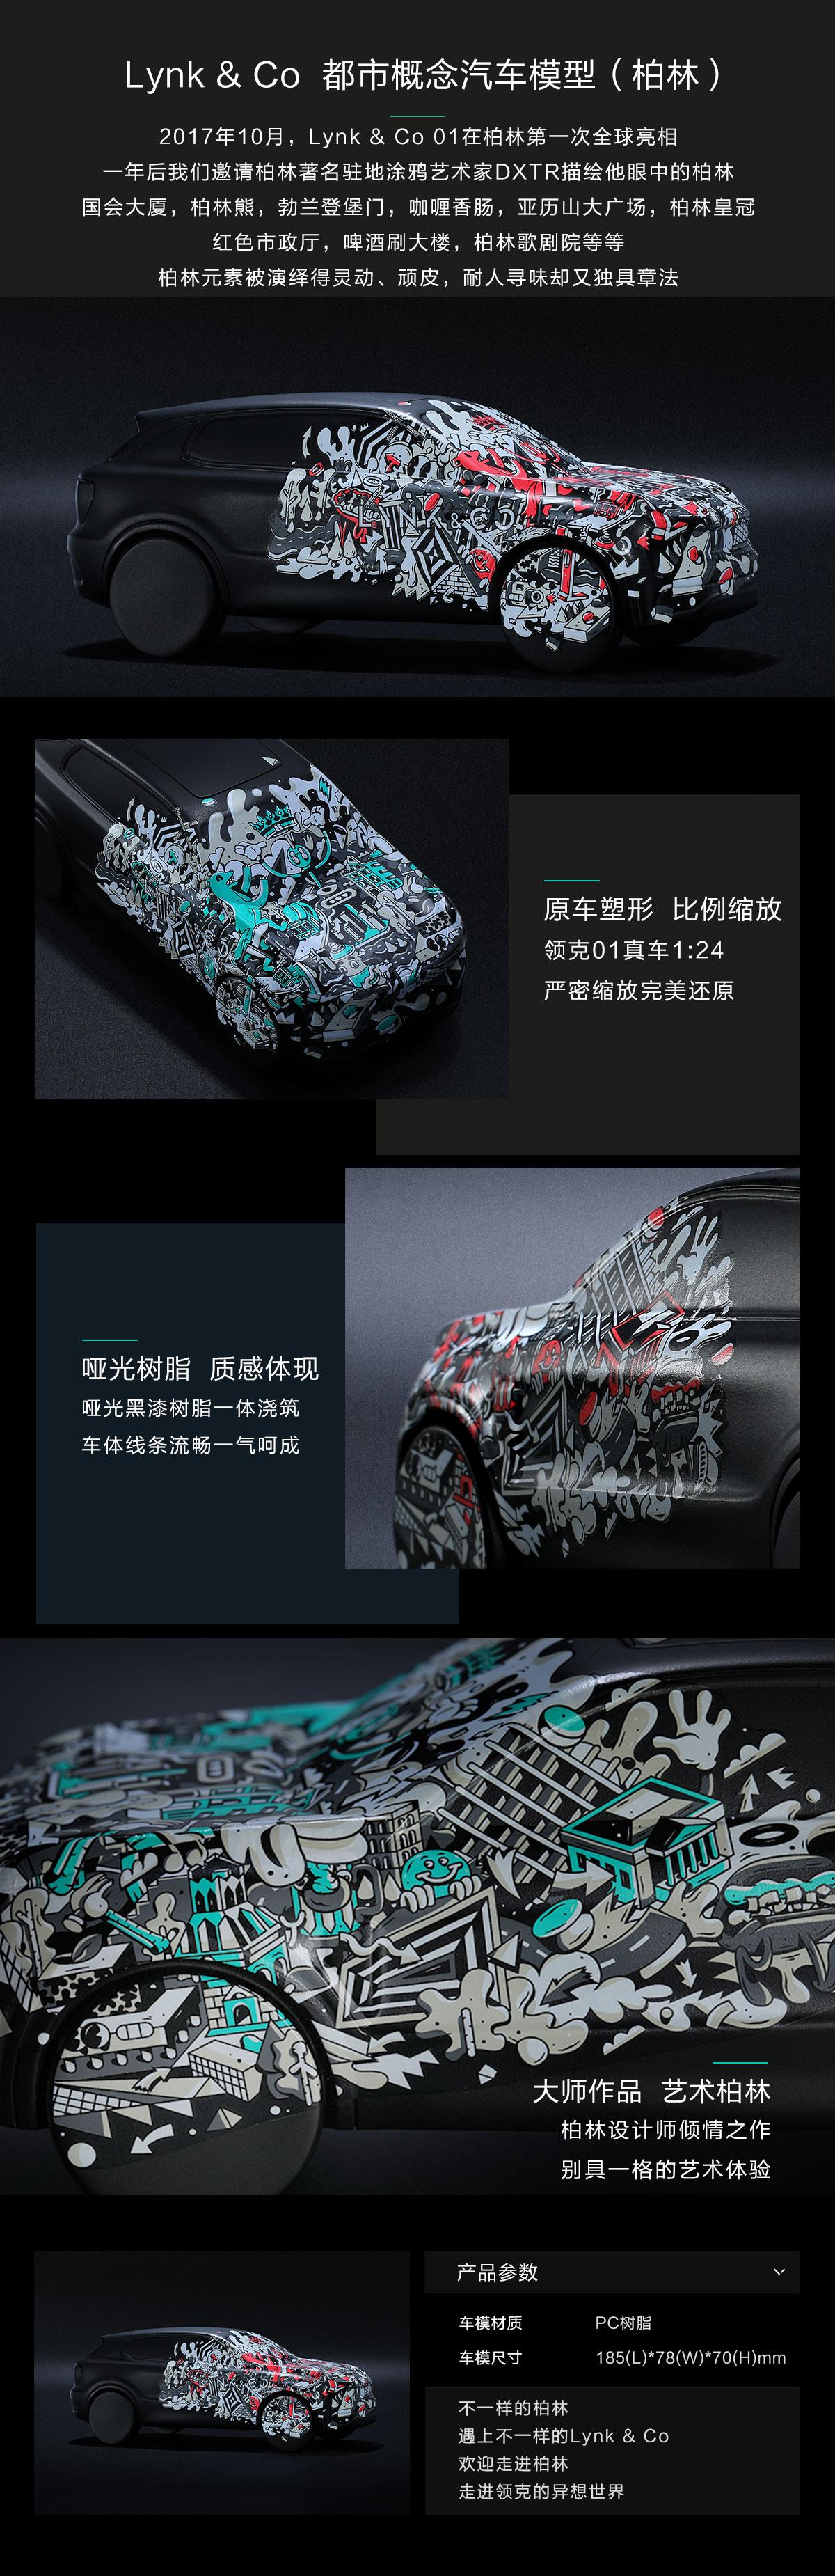 02PC-精品-都市概念汽车模型(柏林).jpg